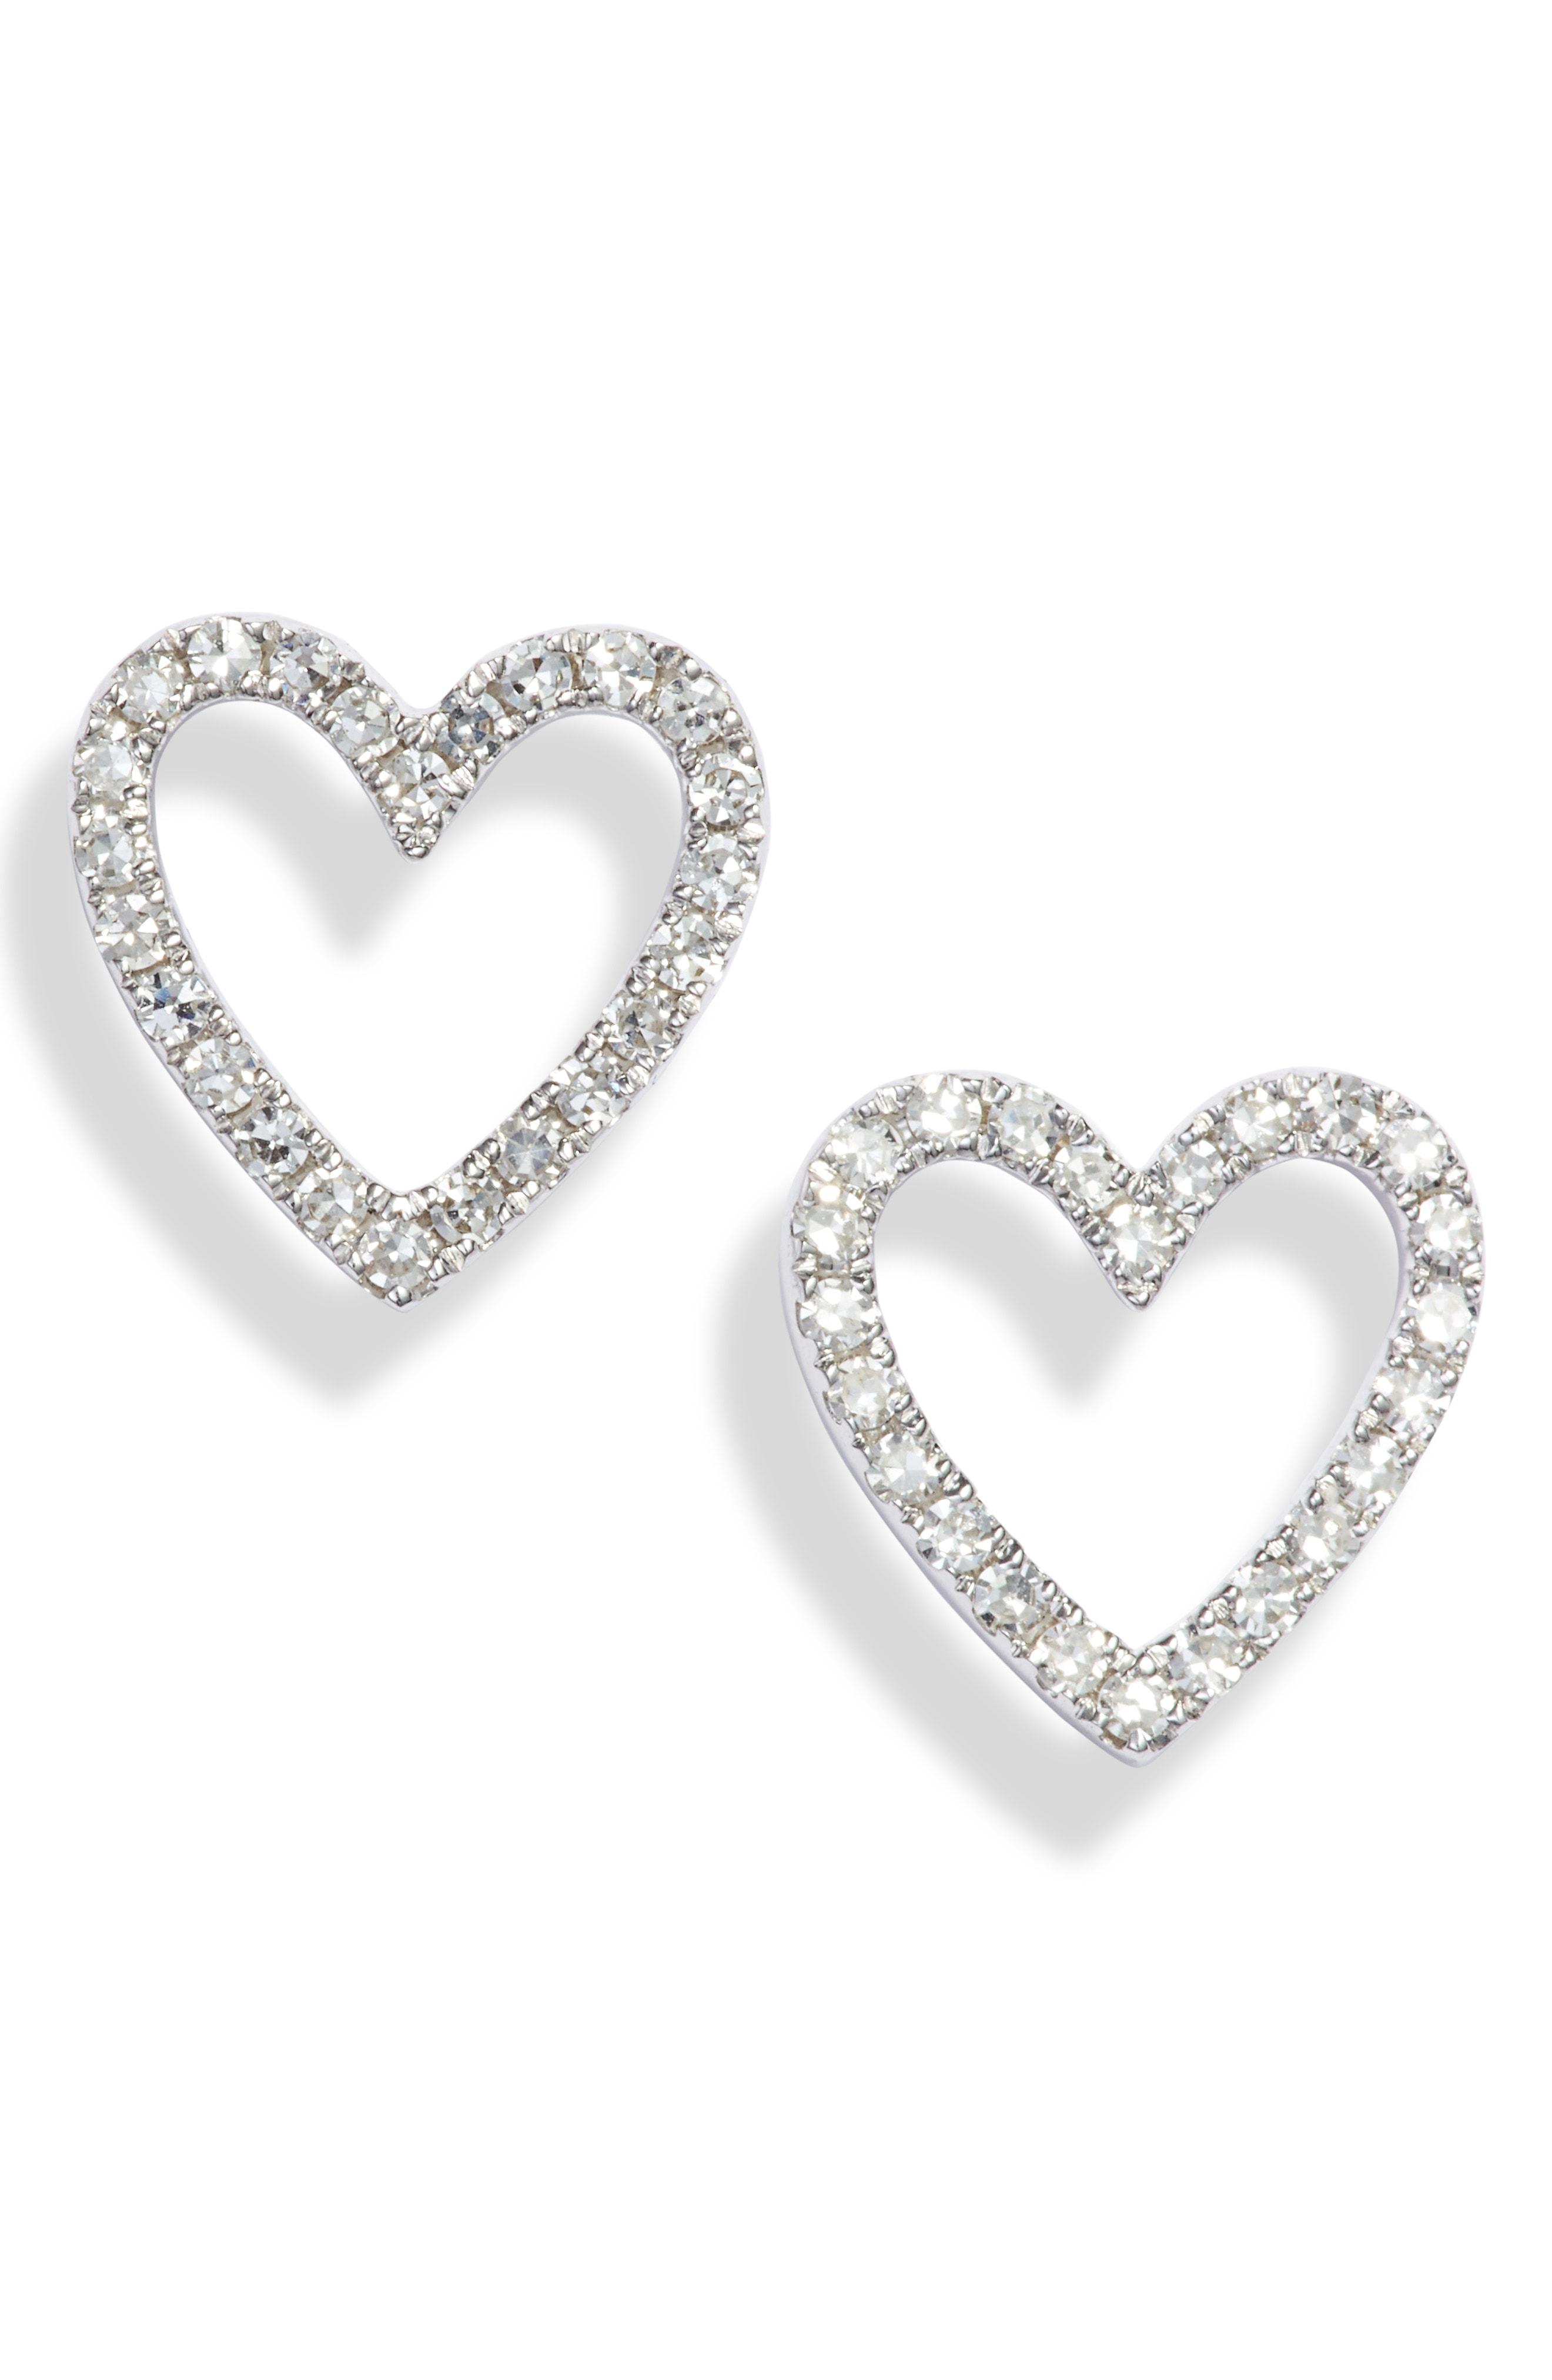 Diamond Open Heart Stud Earrings In White Gold